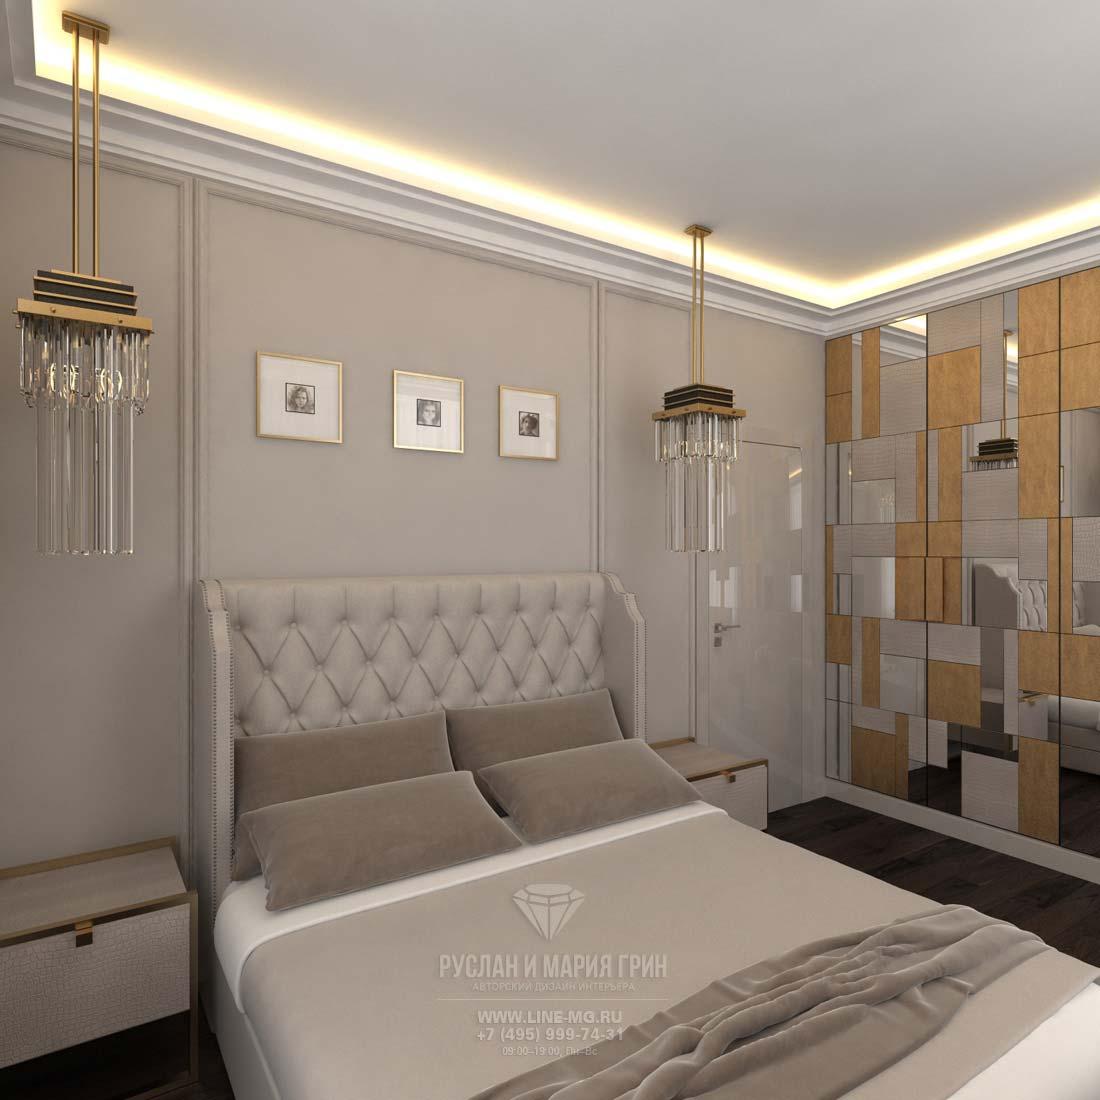 Интерьер спальни в современном коттедже